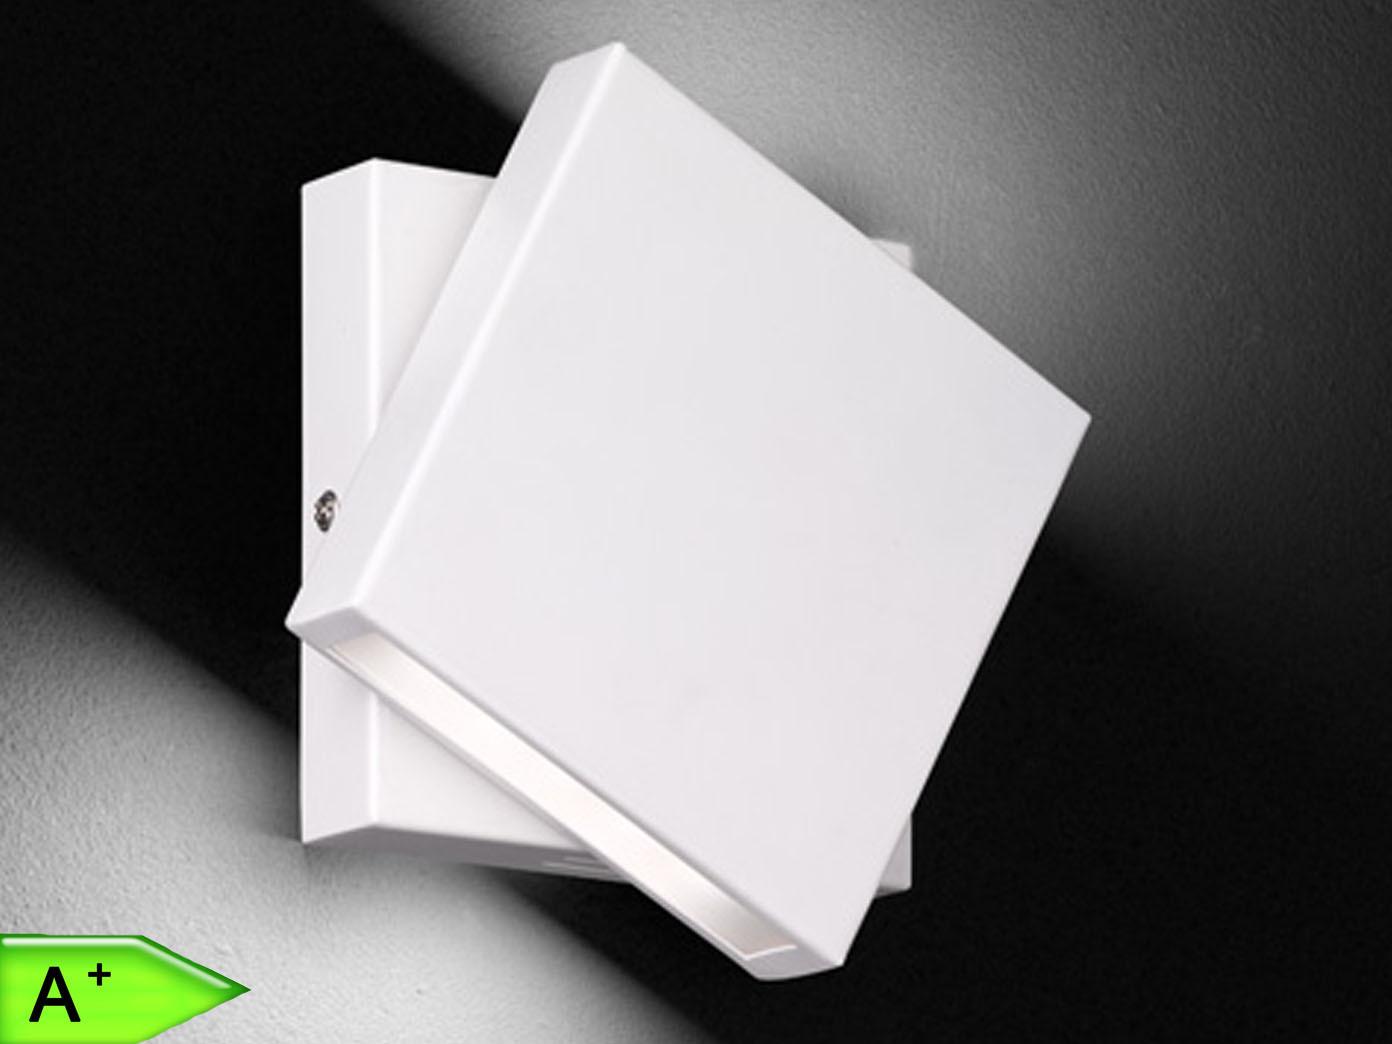 Weiße LED-Wandleuchte 10W, drehbar, 14x14 cm, Schalter, Trio-Leuchten | Deutschland Outlet